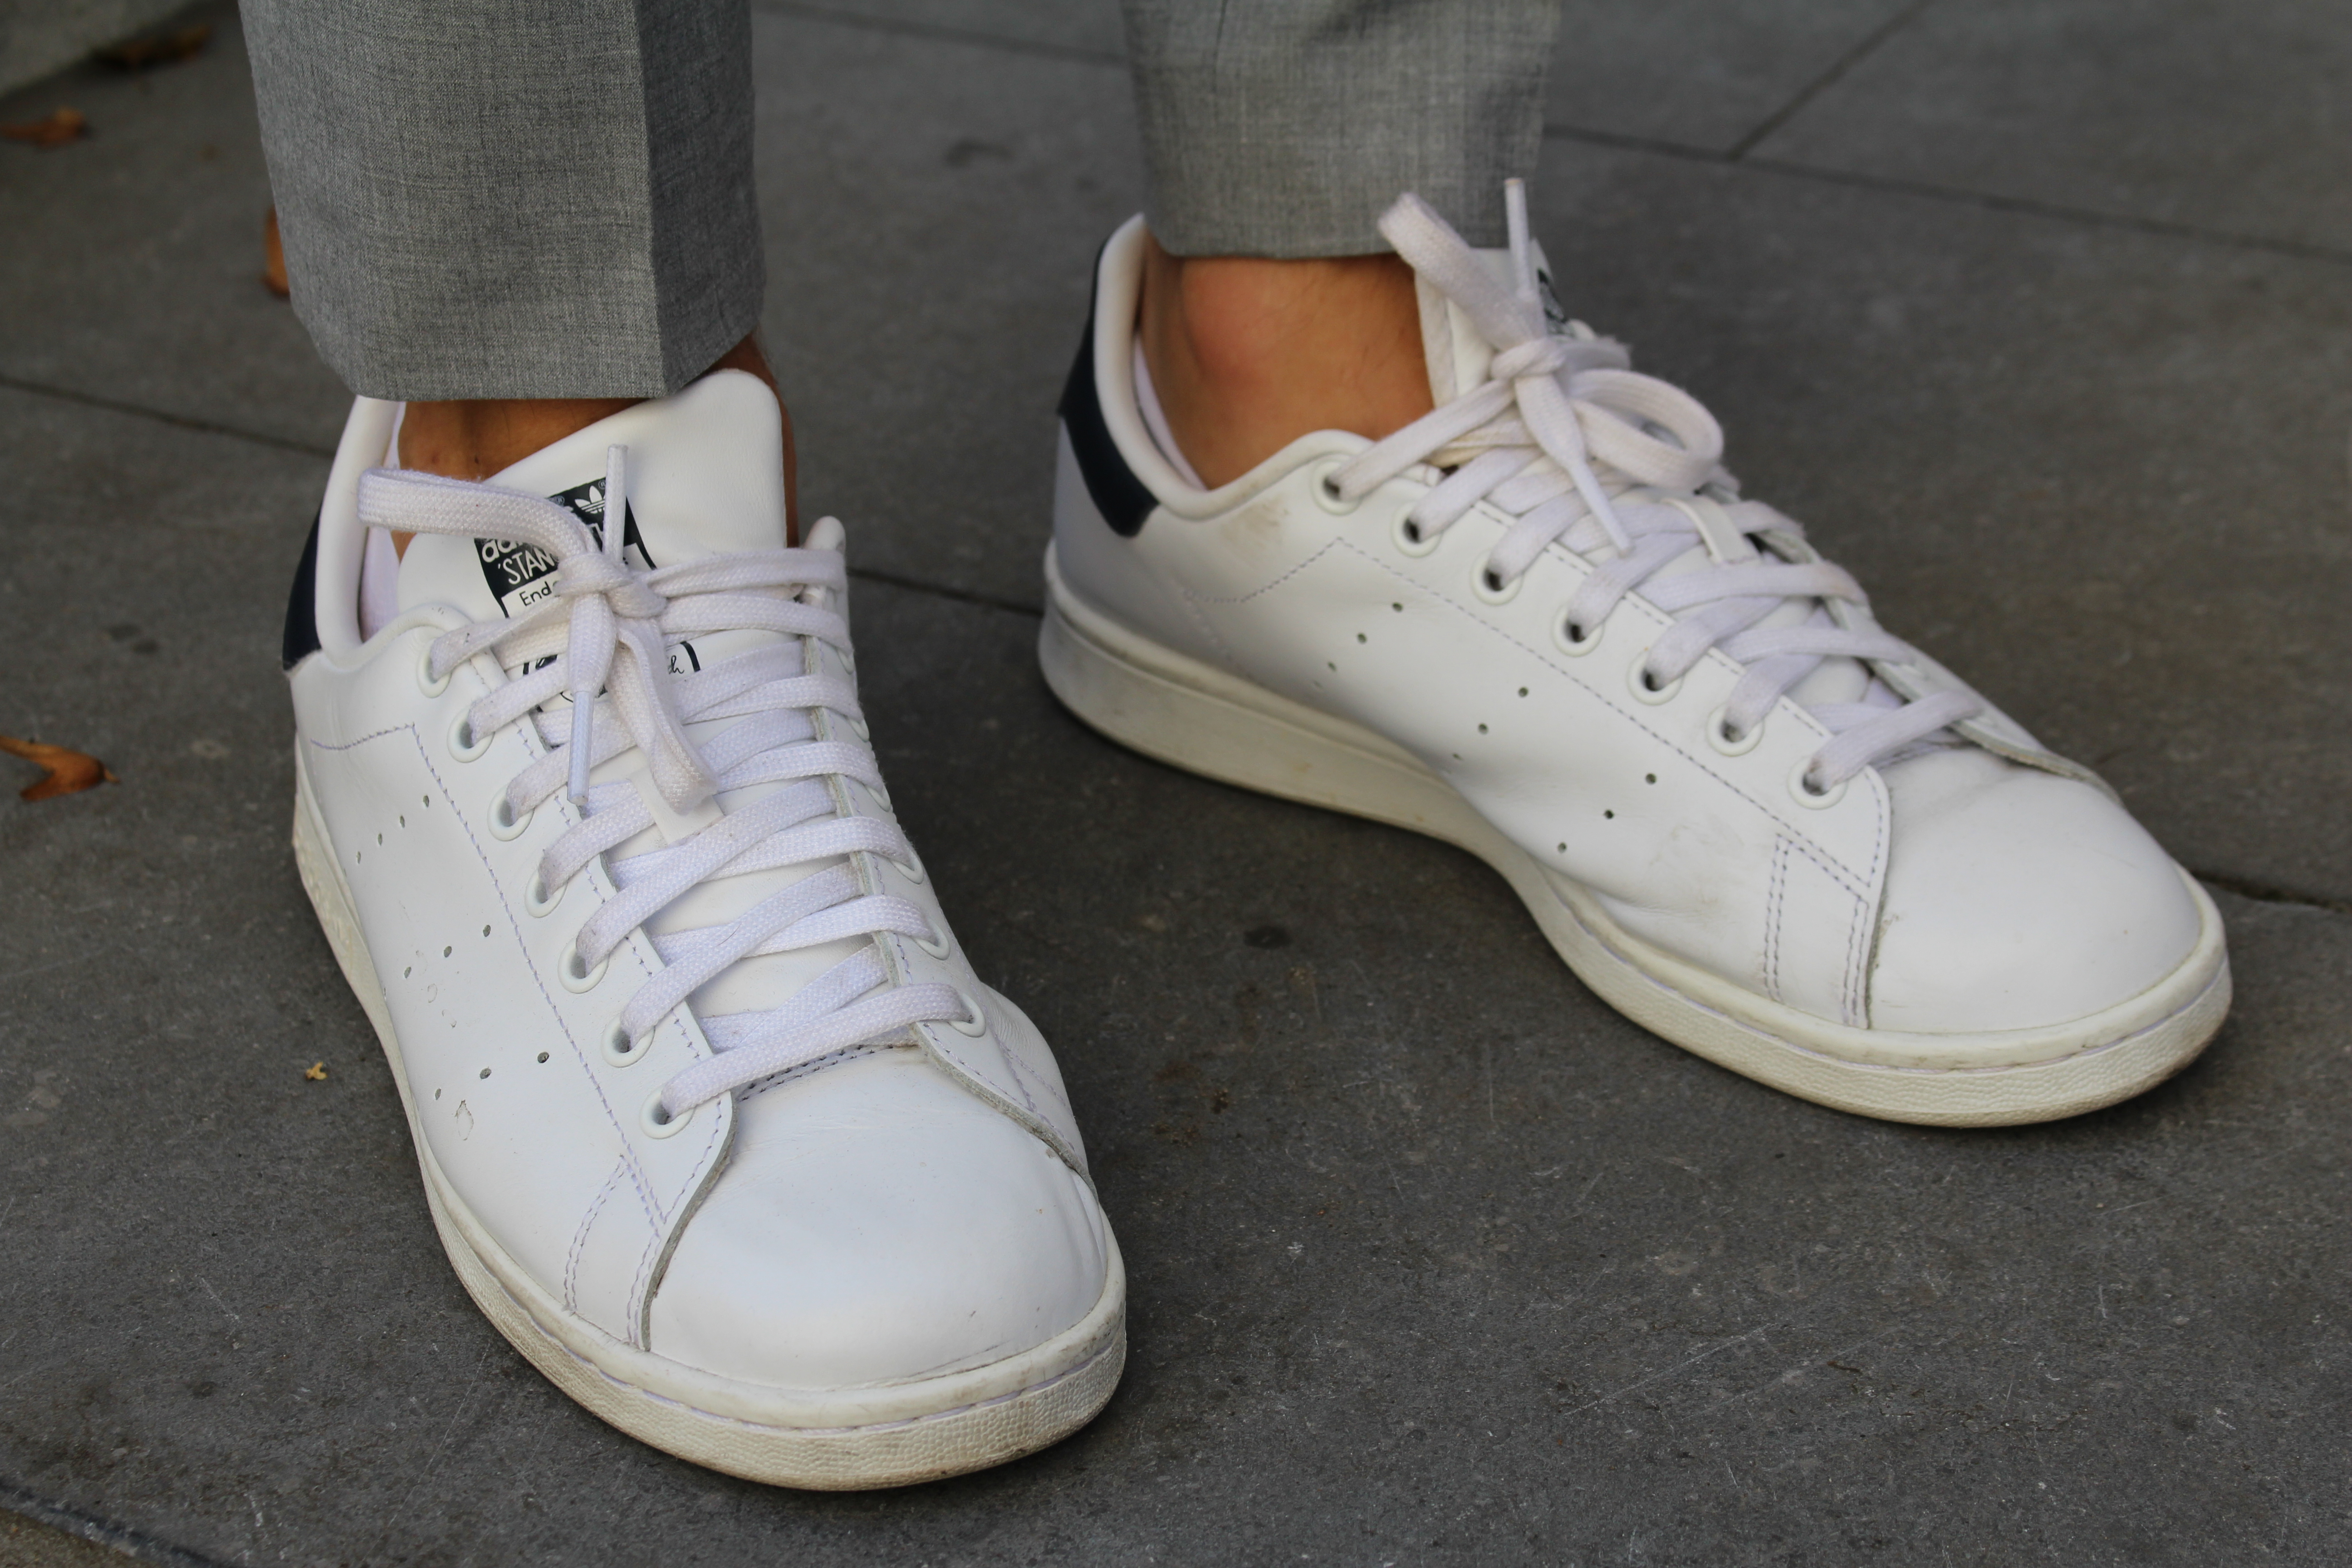 Fashioncircuz by Jenny adidas-stan-smith {MENSTYLE} PIMP DEINEN BASIC LOOK MIT OPTISCHEN HIGHLIGHTS